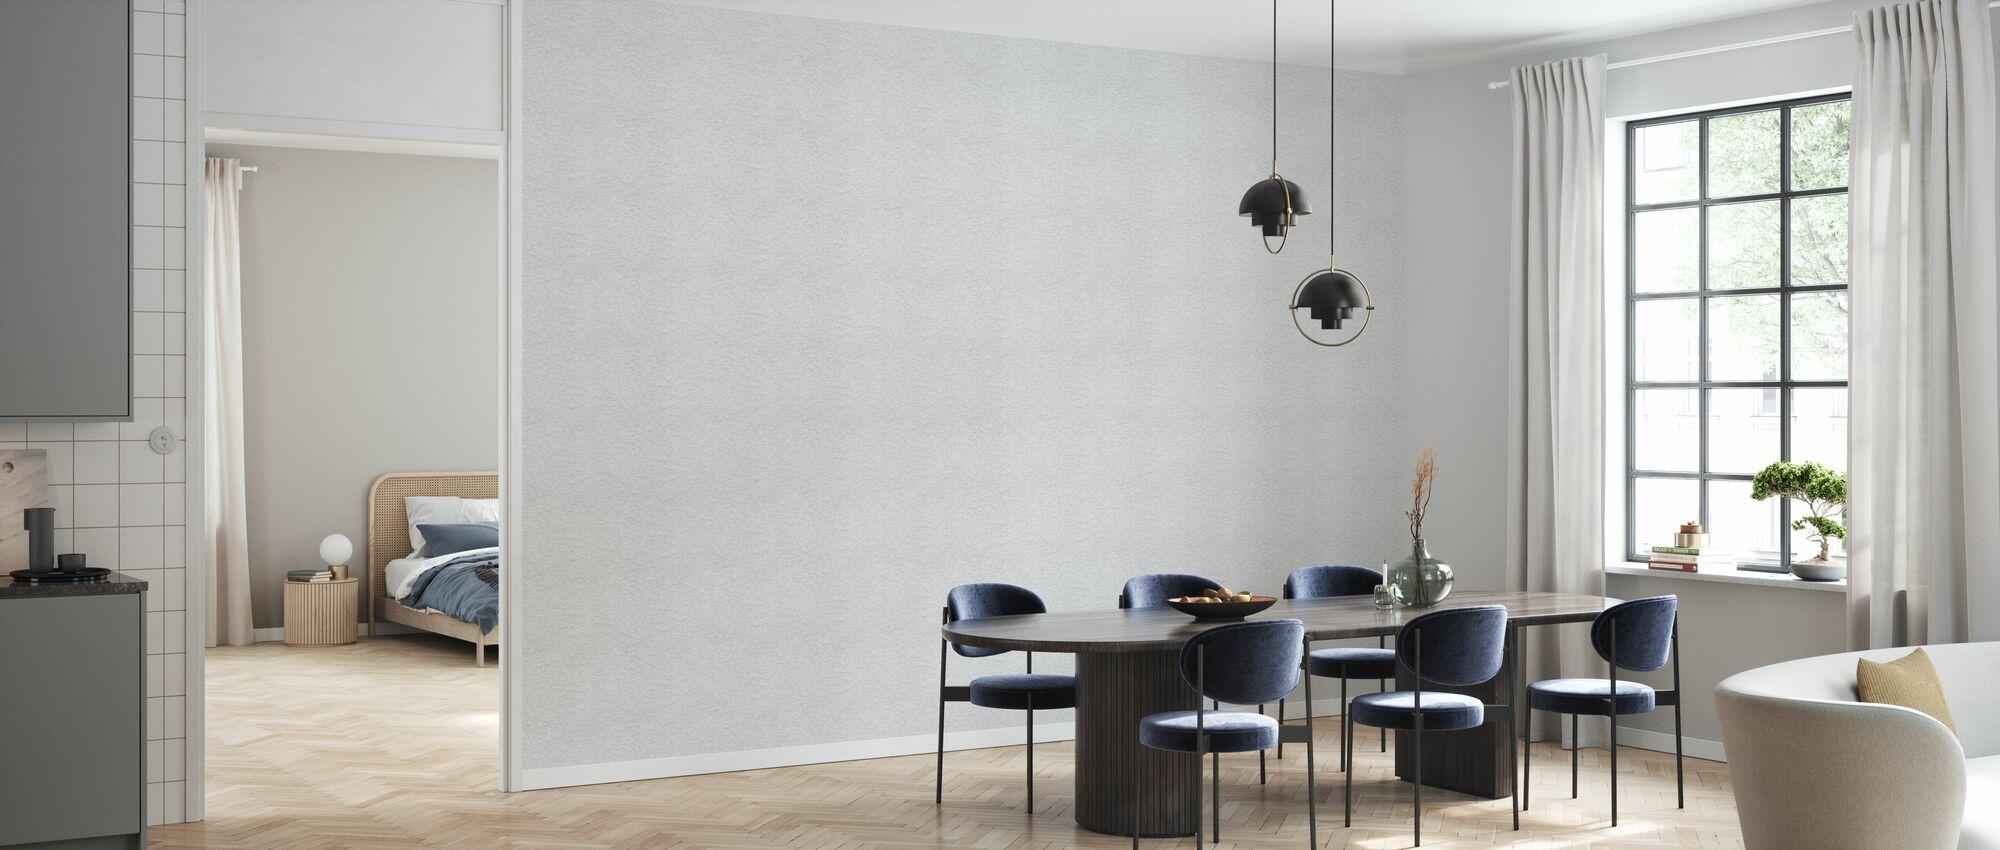 Weiße Rohbetonwand - Tapete - Küchen